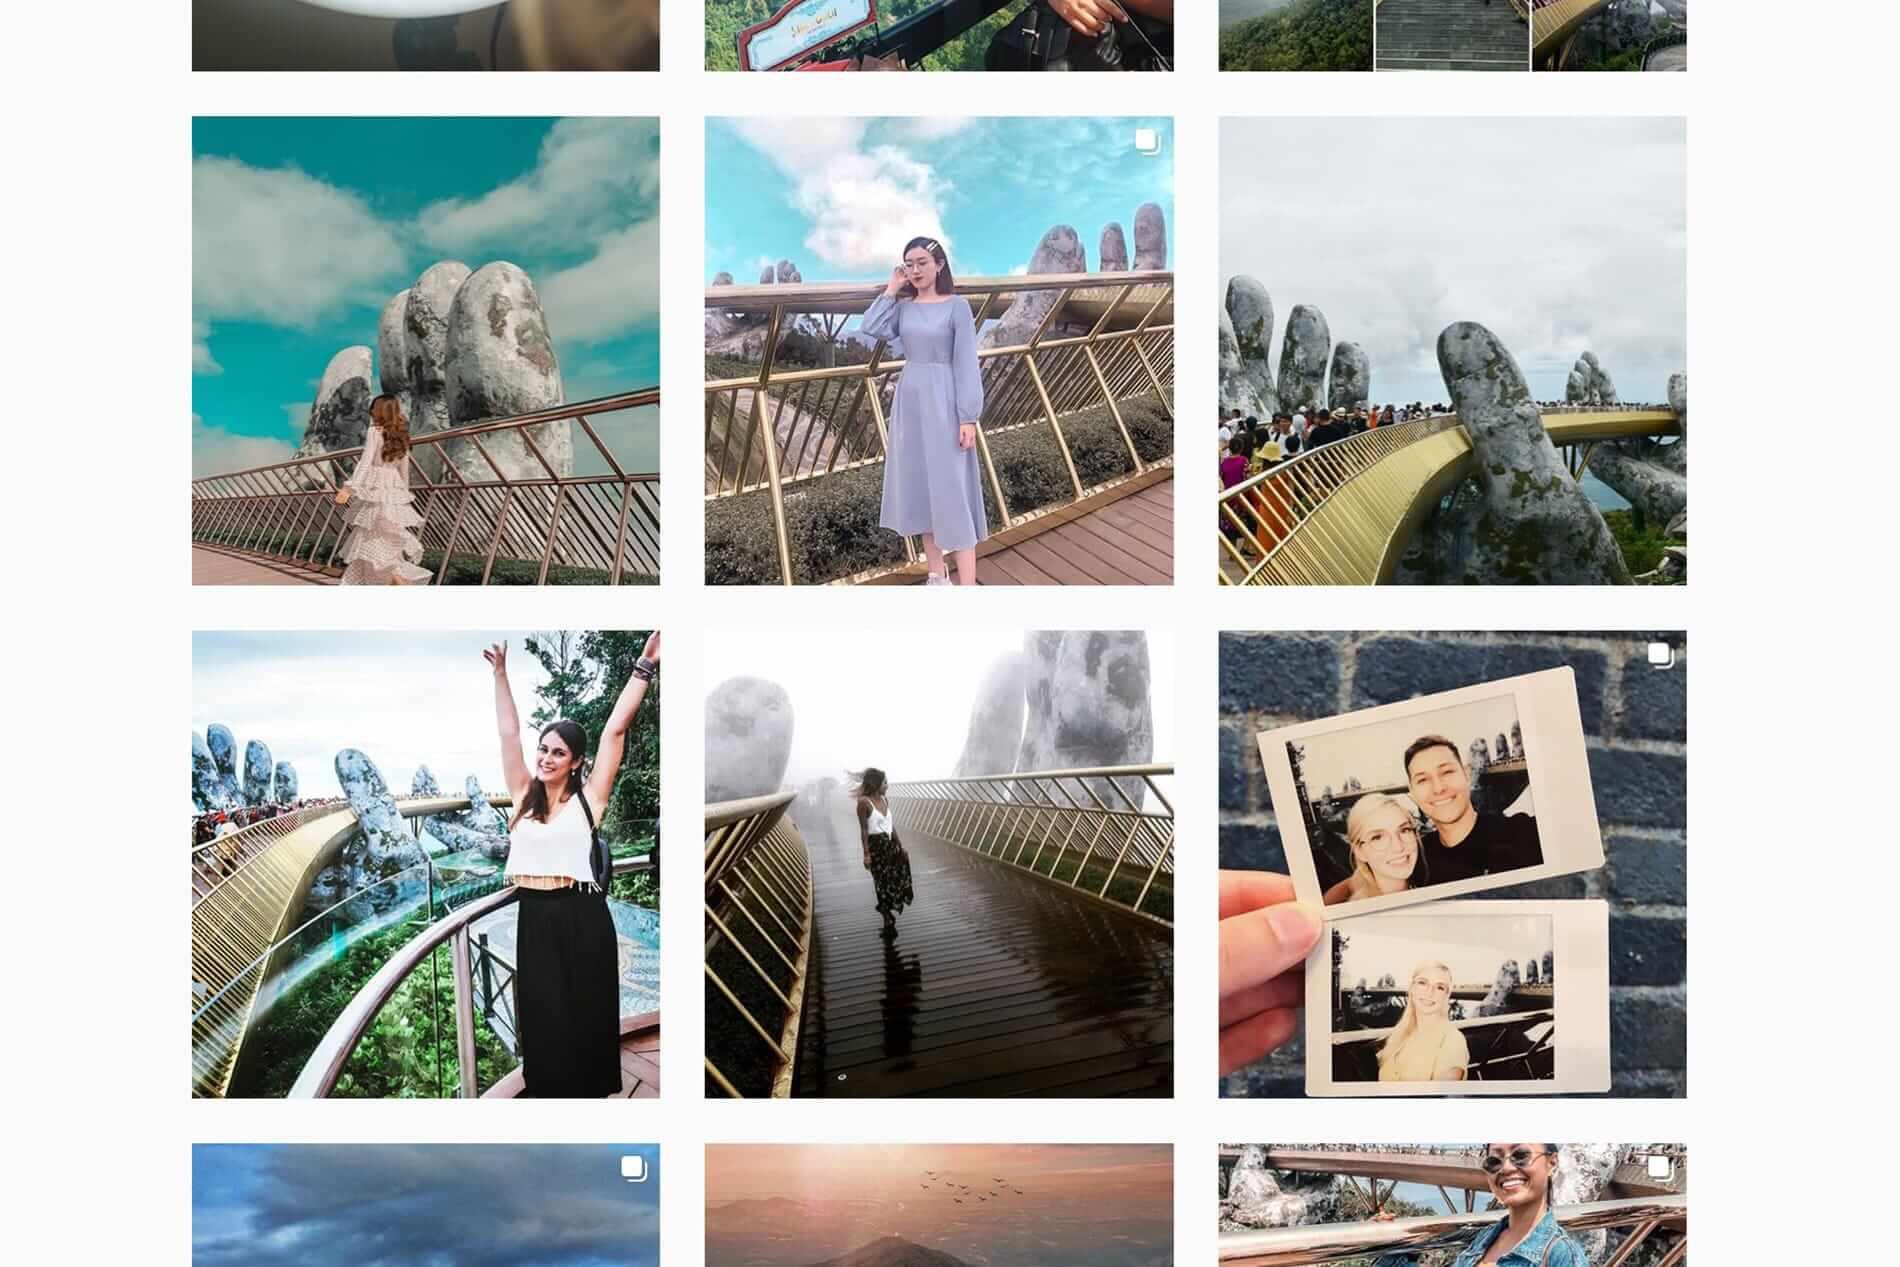 Instagram worthy pictures of the Golden Bridge